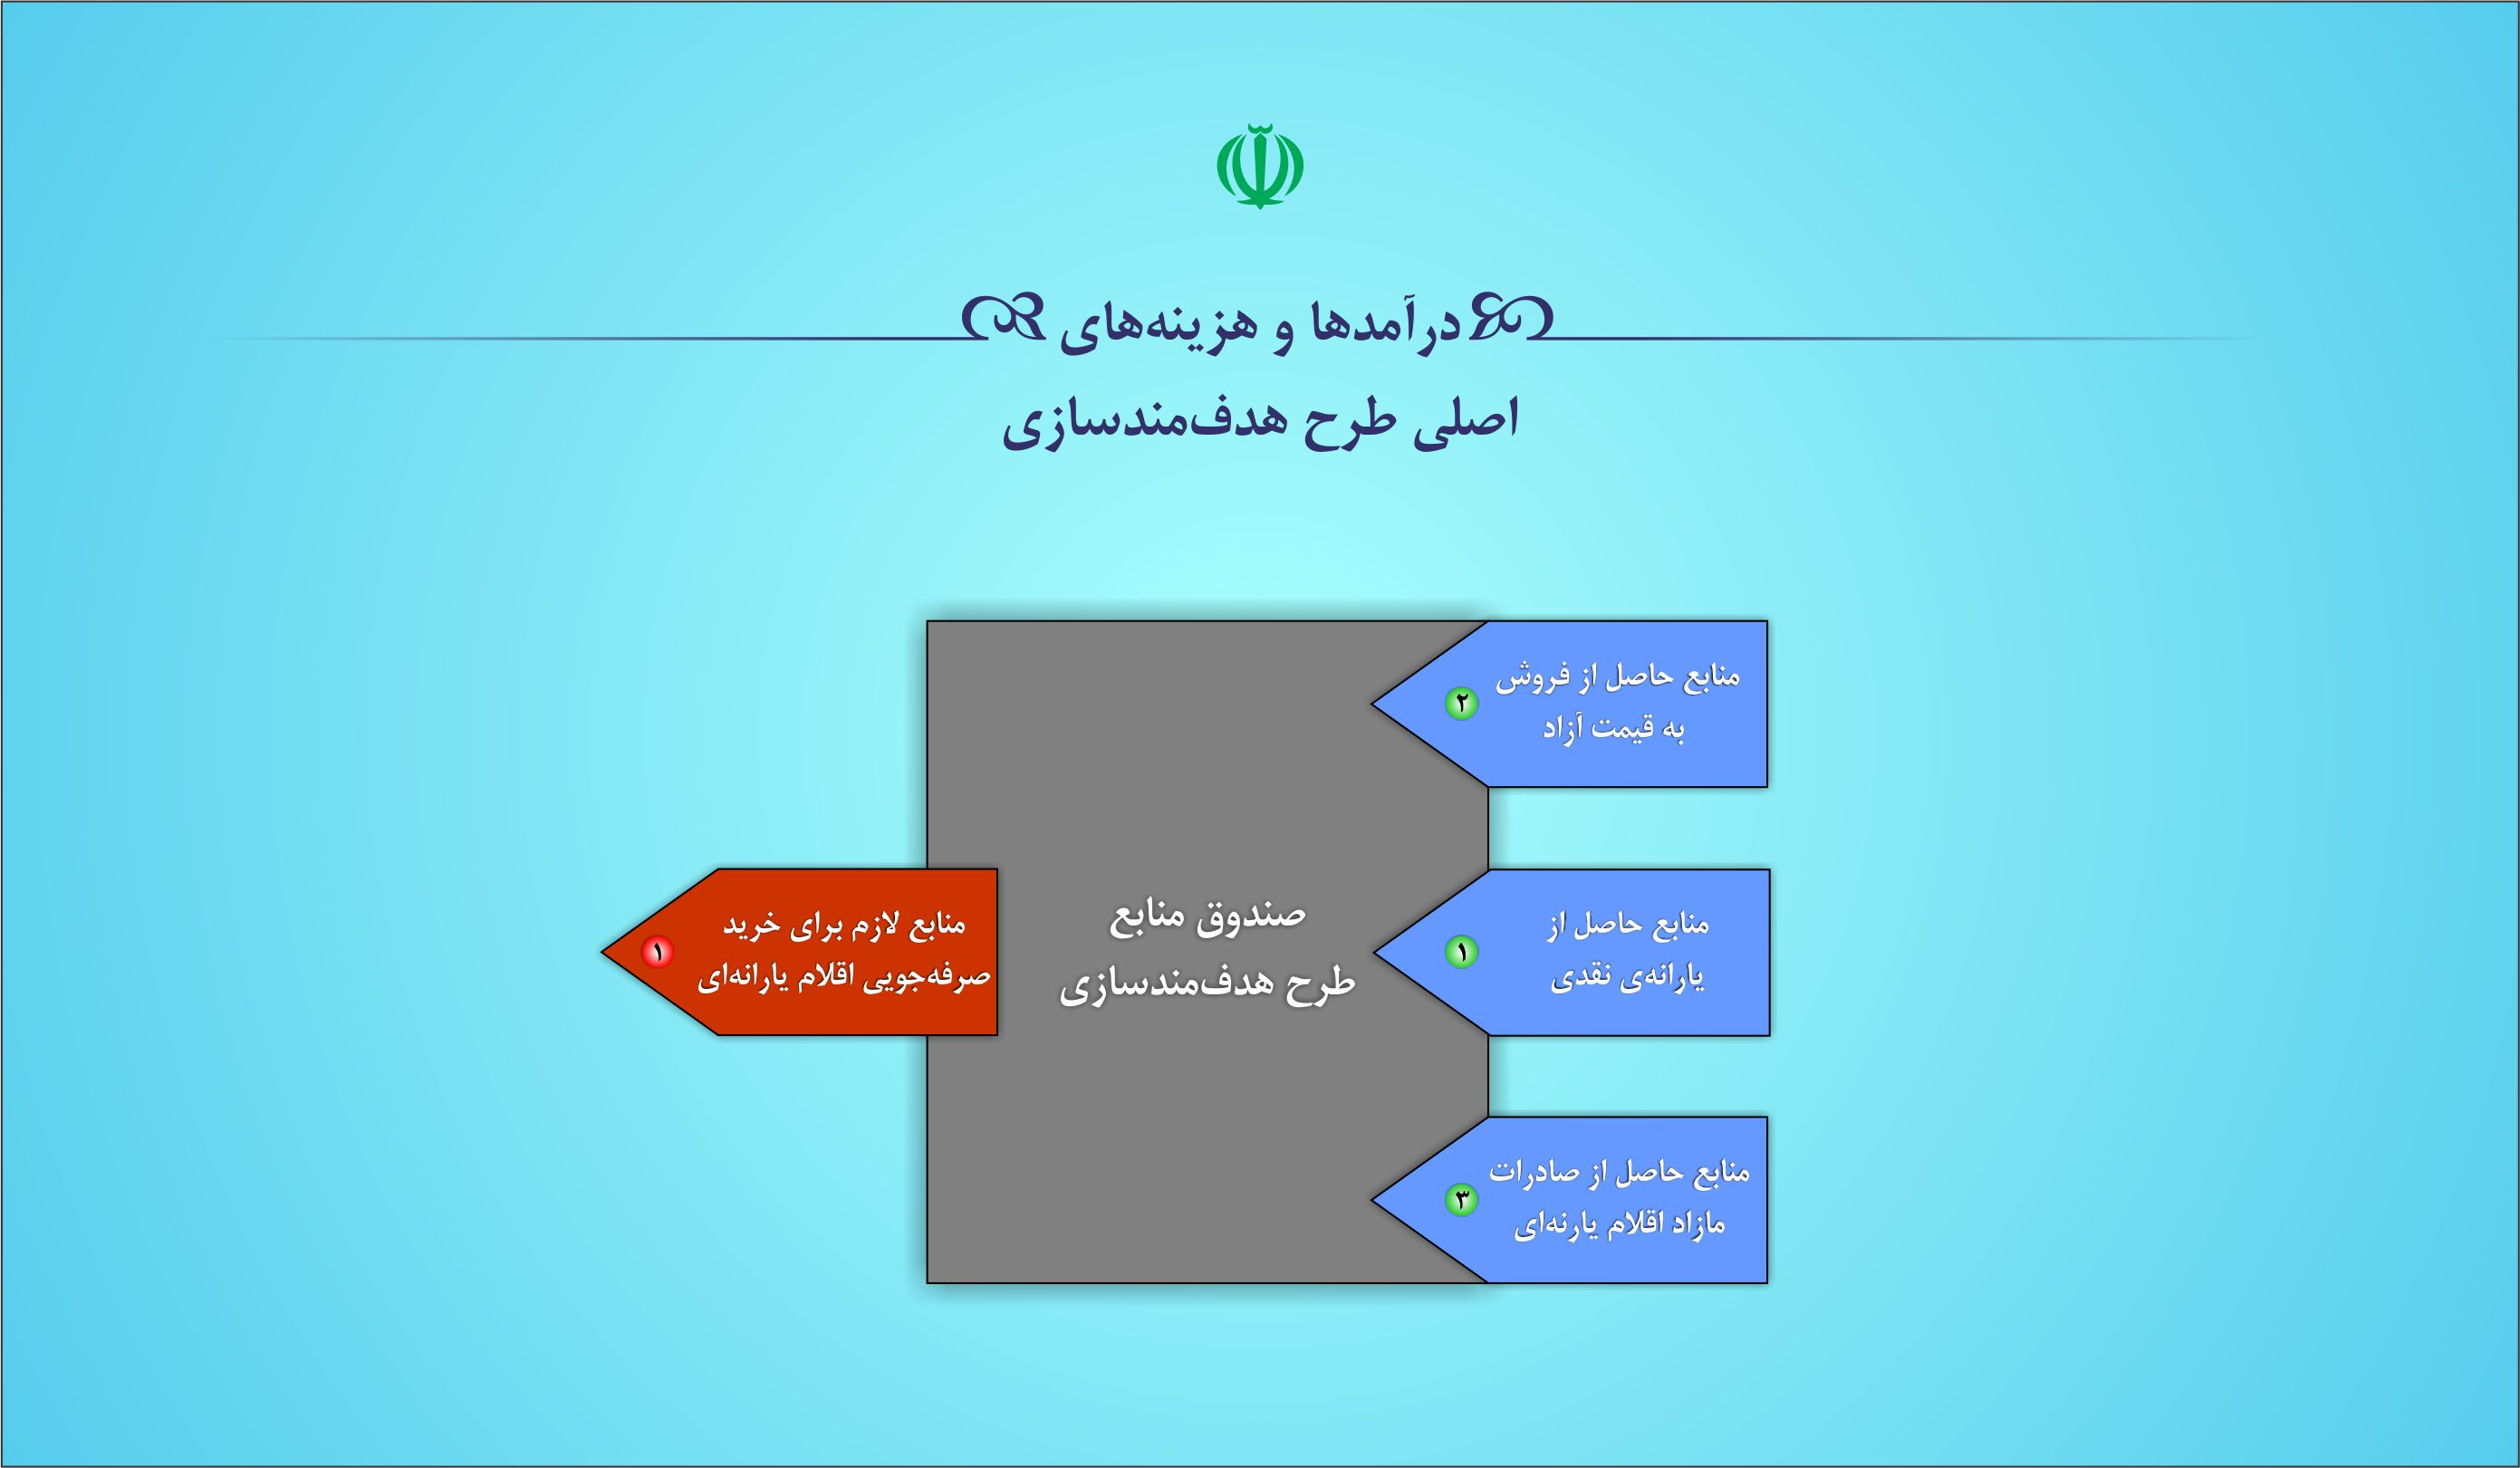 hadafmandi-04-05